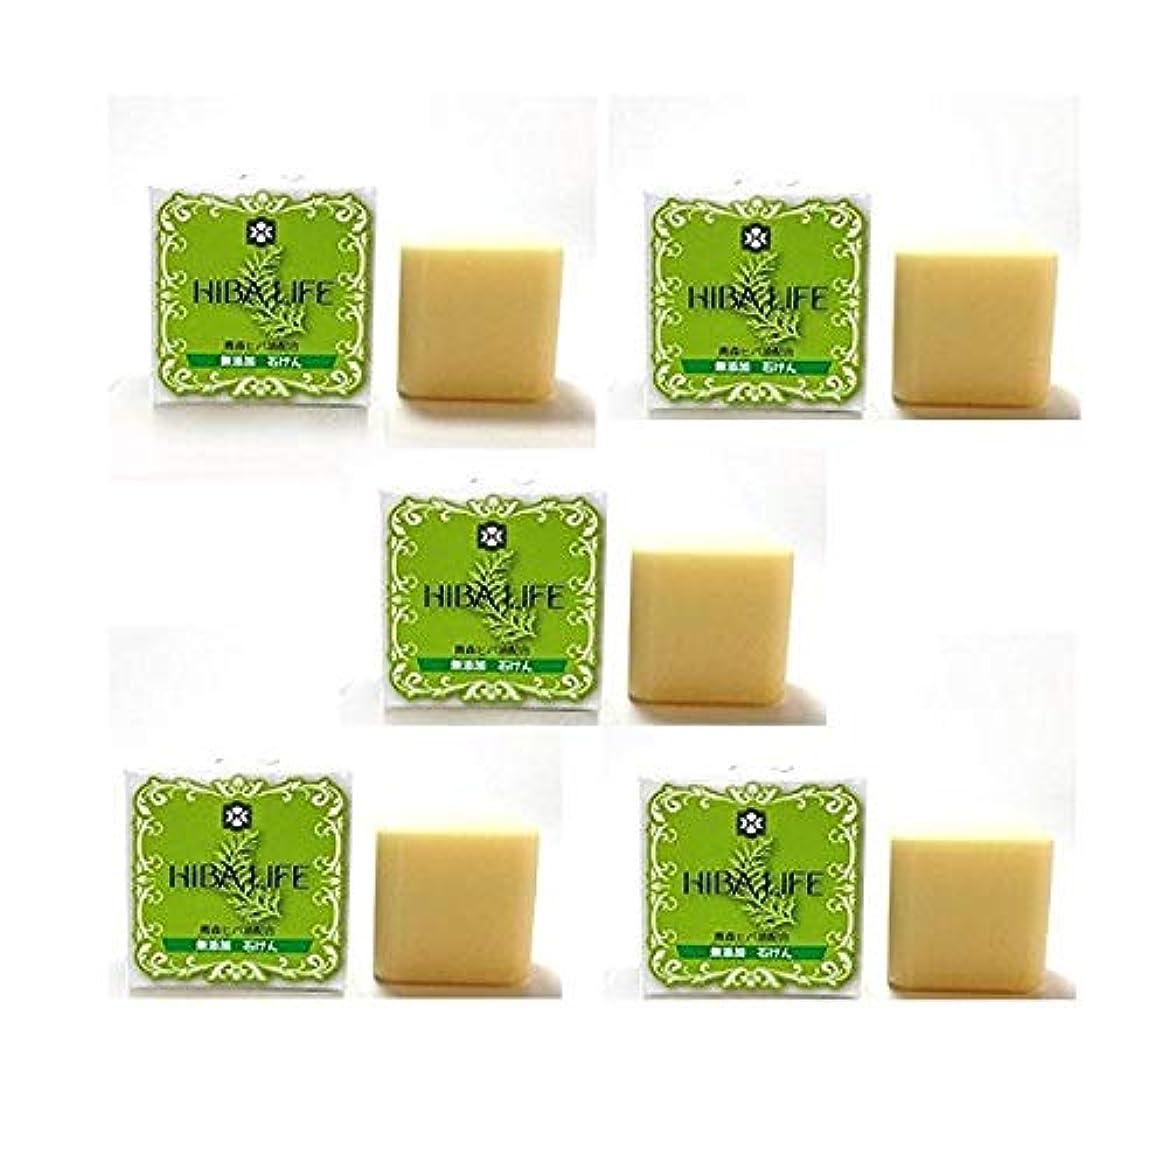 アヒル午後ネットヒバ石鹸 ひばの森化粧石鹸5個セット(100g×5個) 青森ヒバ精油配合の無添加ひば石鹸